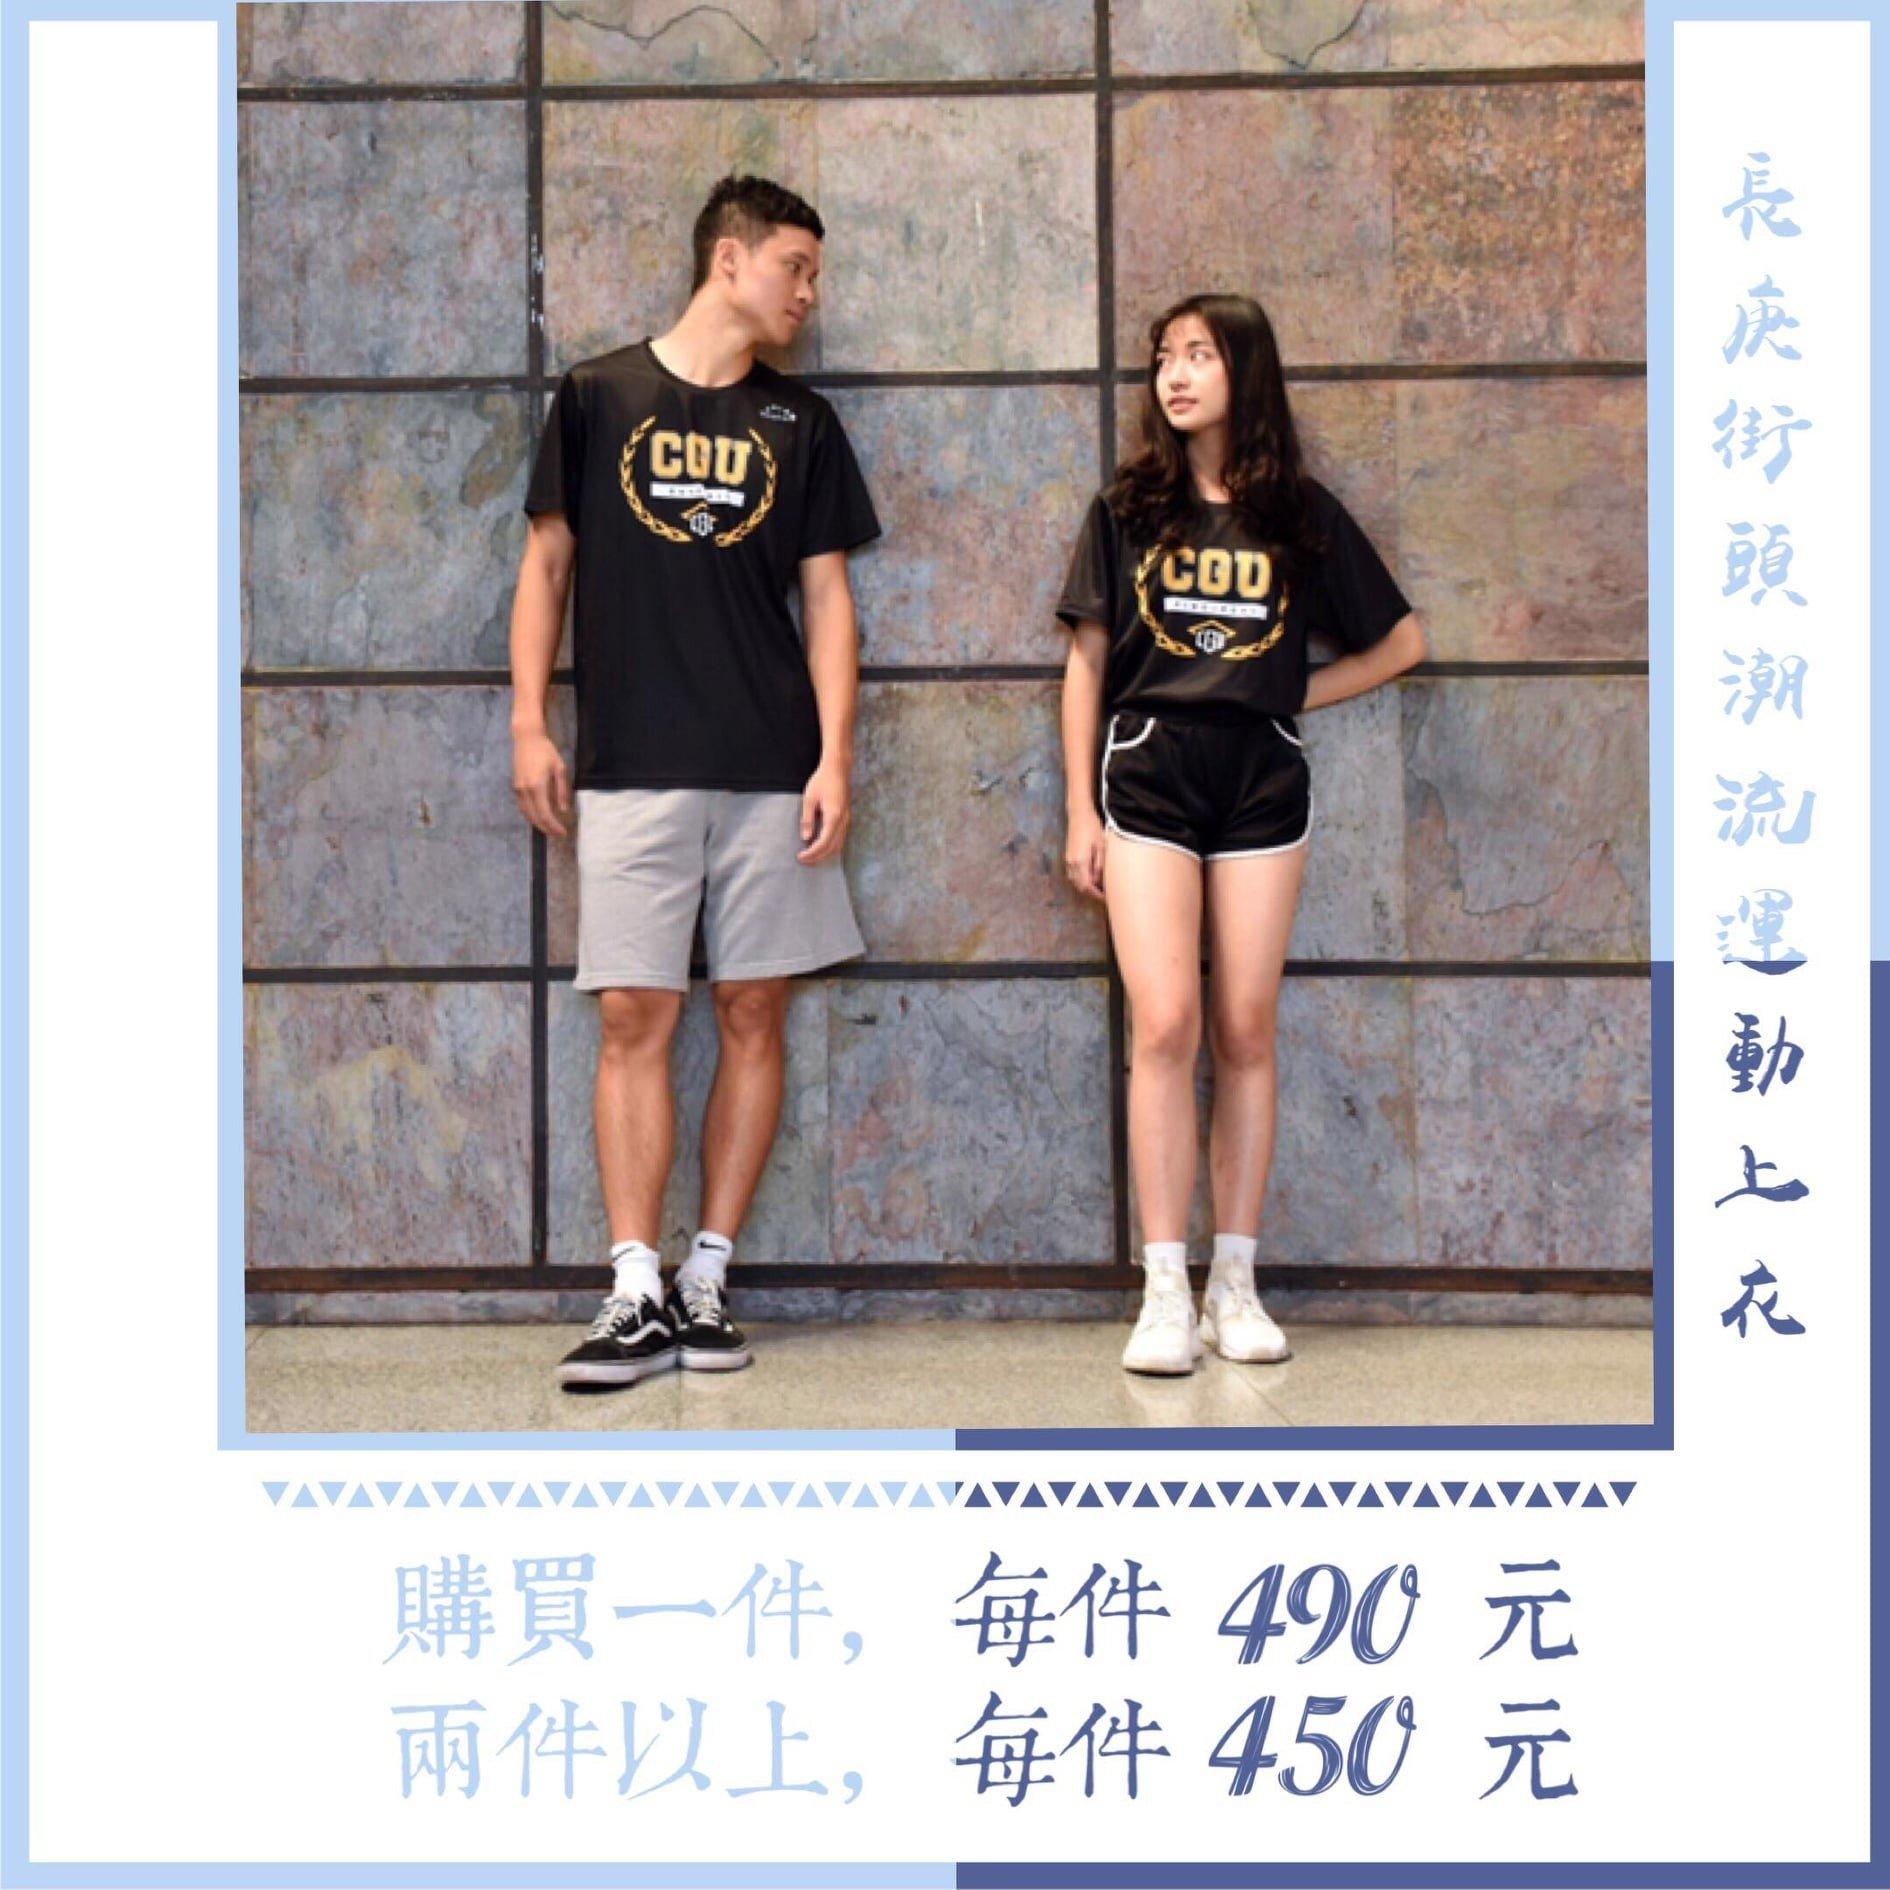 長庚大學籃球隊